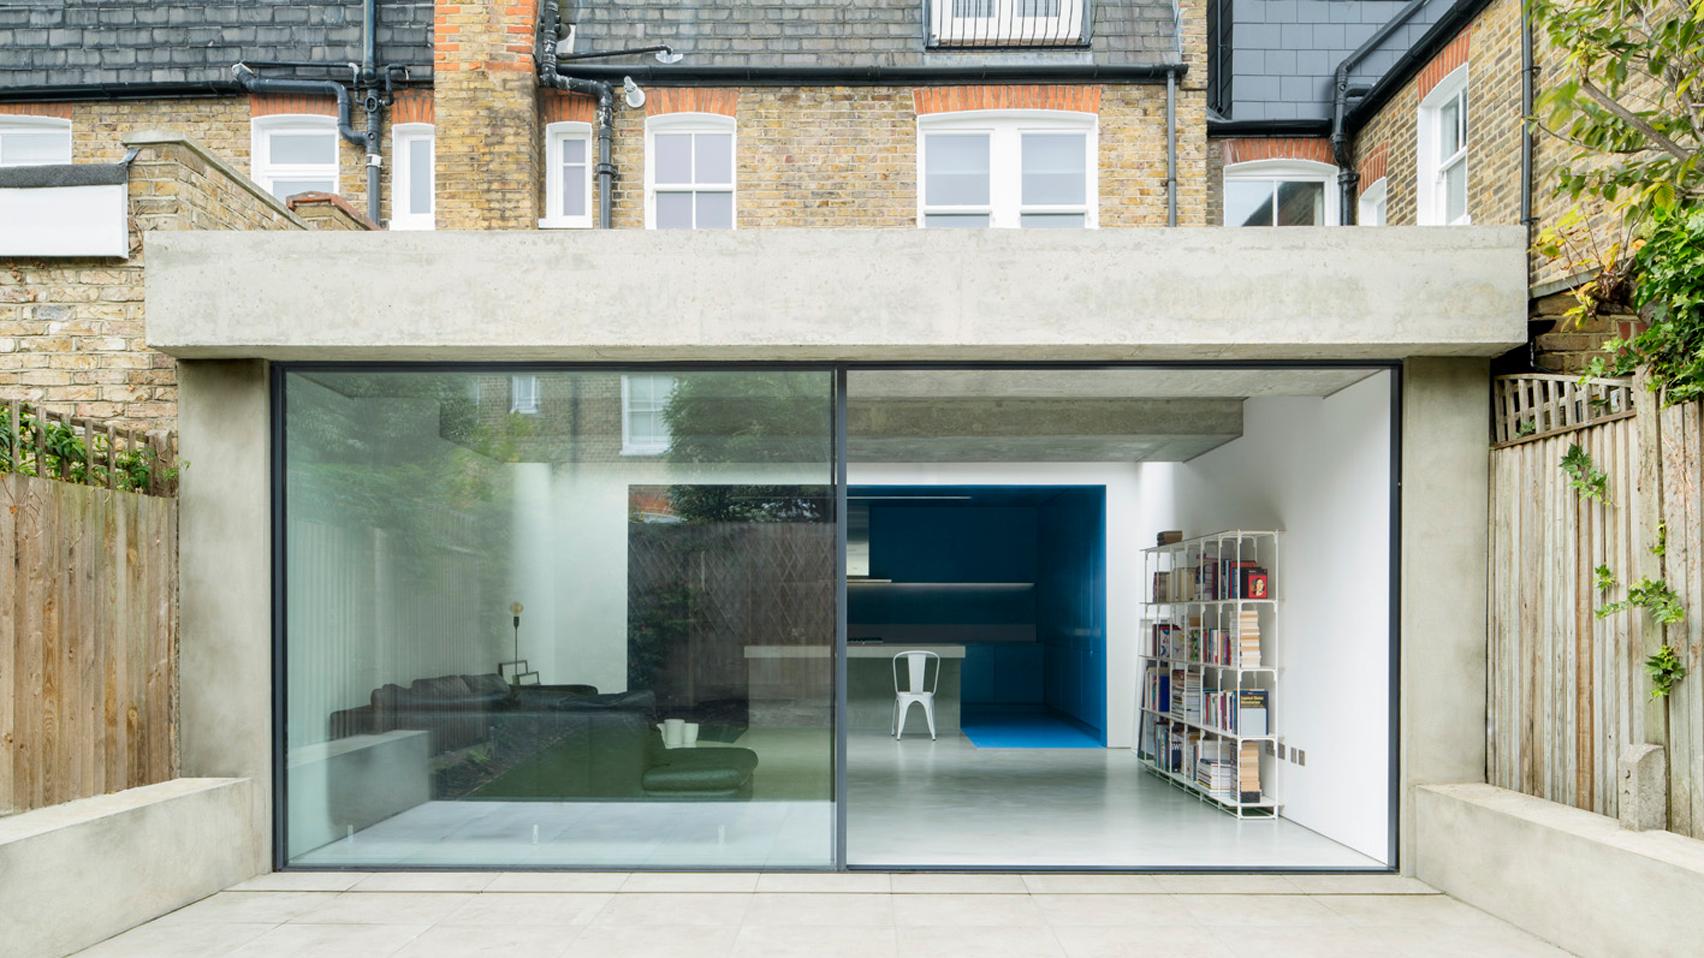 london extension by bureau de change has blue kitchen and white lounge